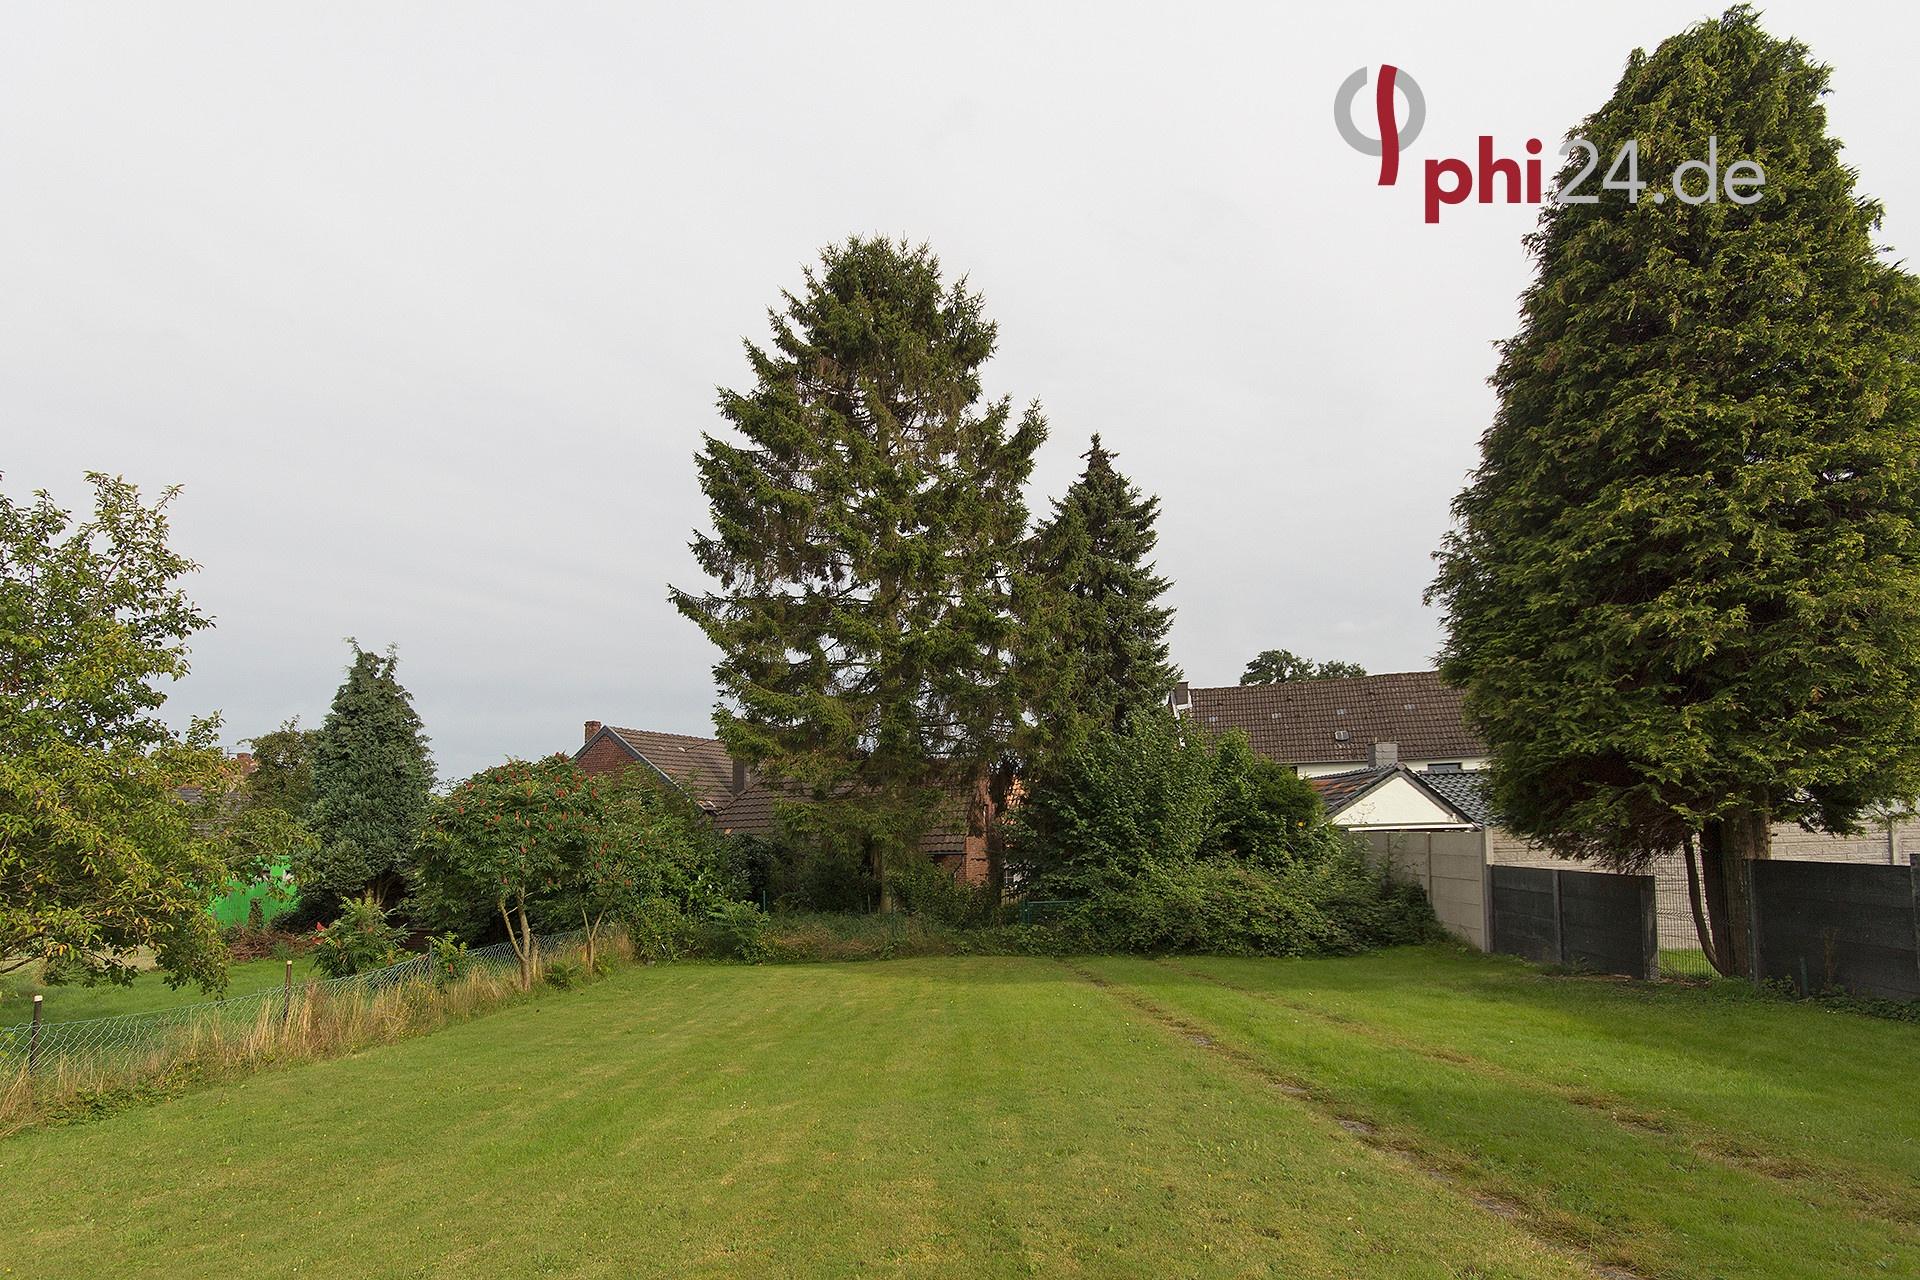 Immobilienmakler Geilenkirchen Bauernhaus referenzen mit Immobilienbewertung